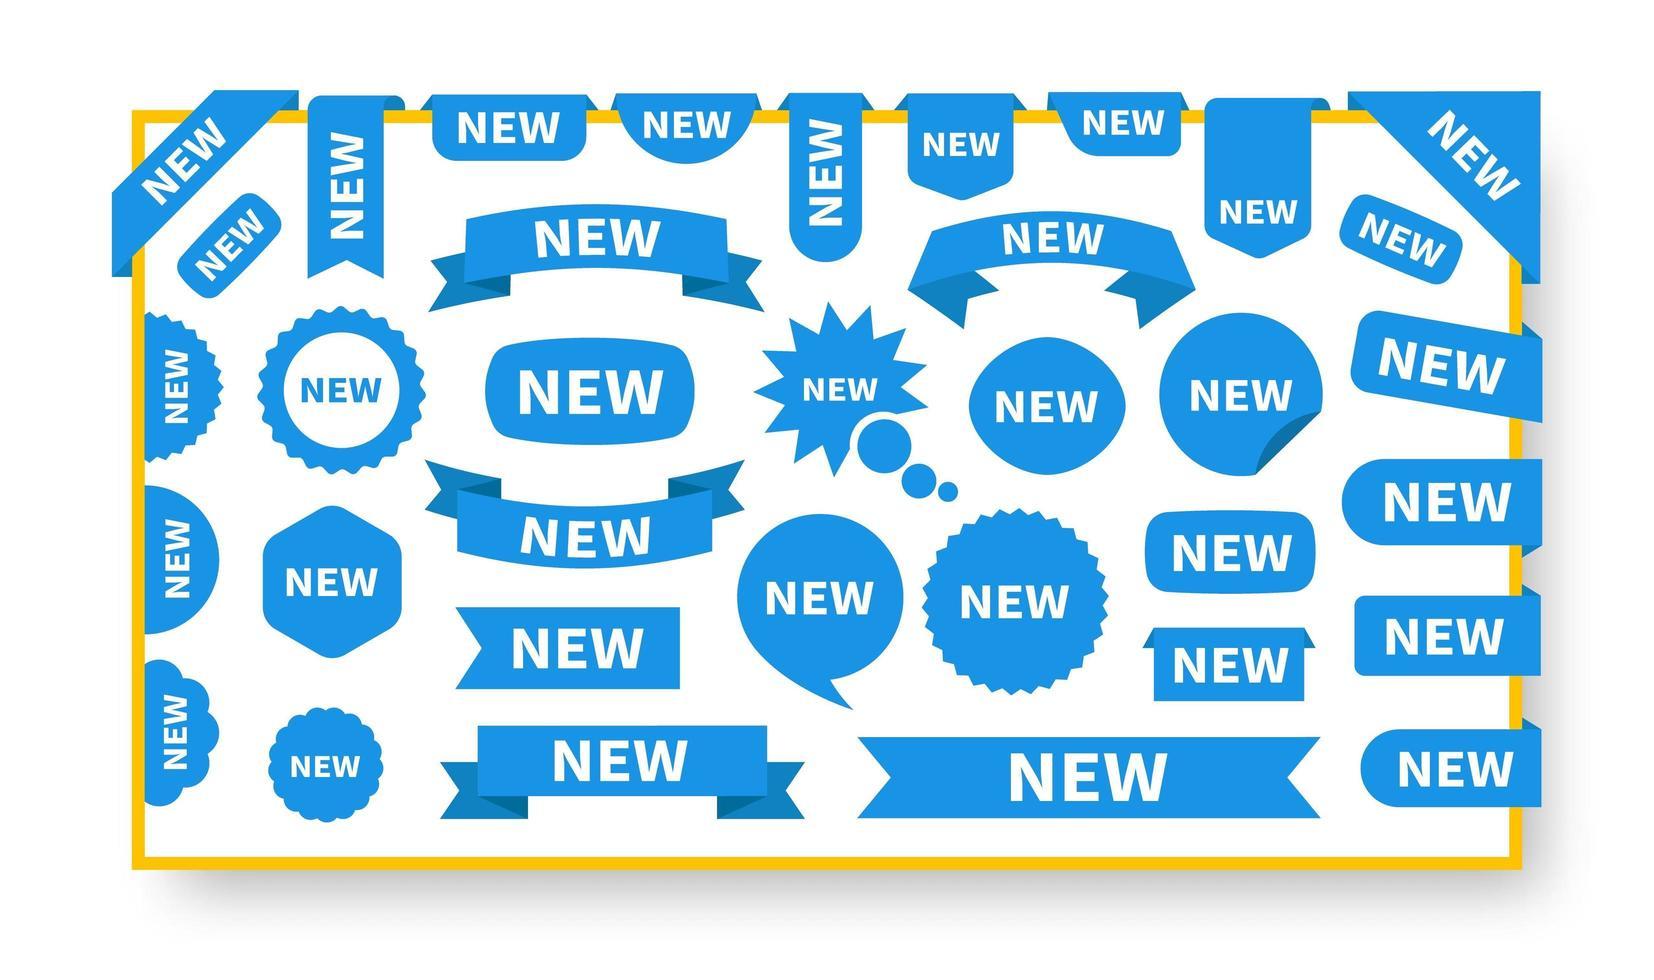 nieuwe stickers en labels ingesteld vector